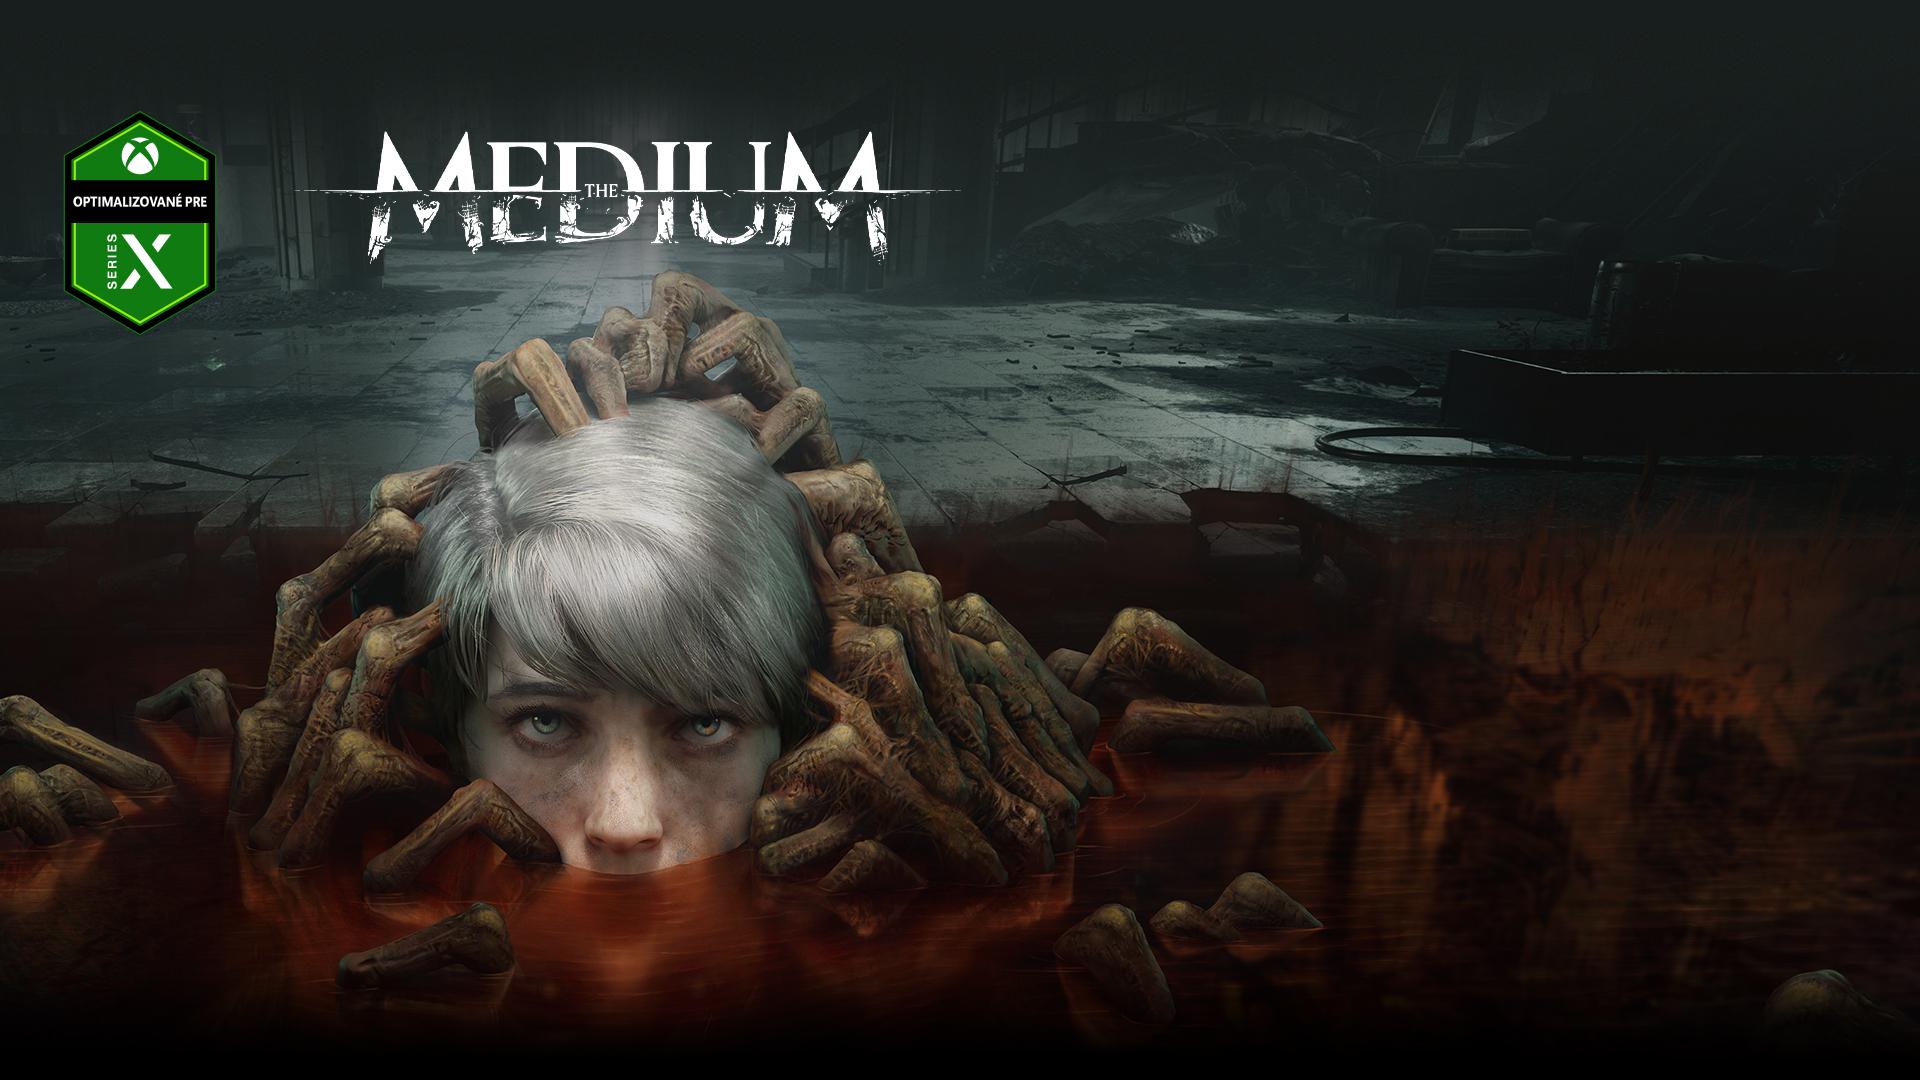 The Medium, Optimalizované pre Series X, Detská hlava vychádza z kaluže plnej rúk nemŕtvych.